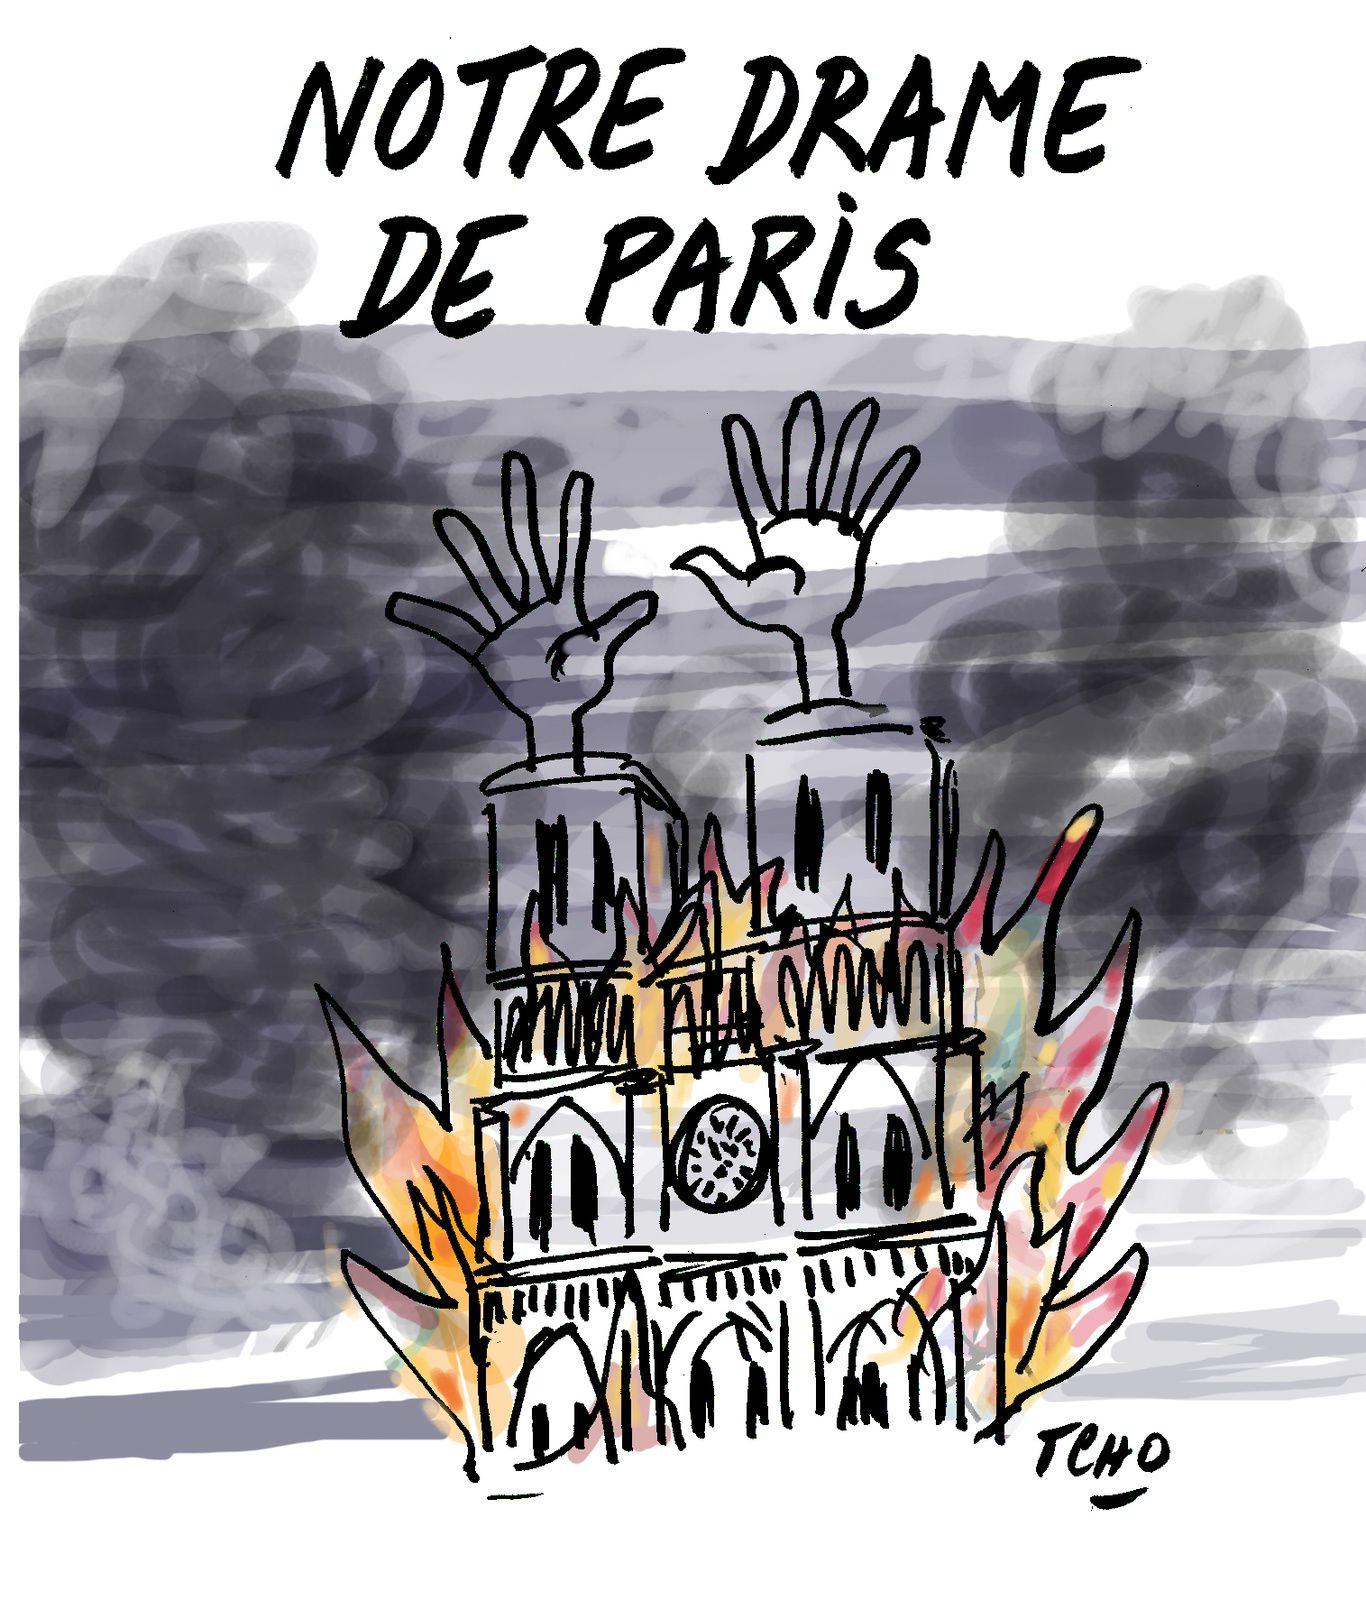 Macron interdit aux architectes de N.-D. de parler, preuve que ce n'est pas un accident